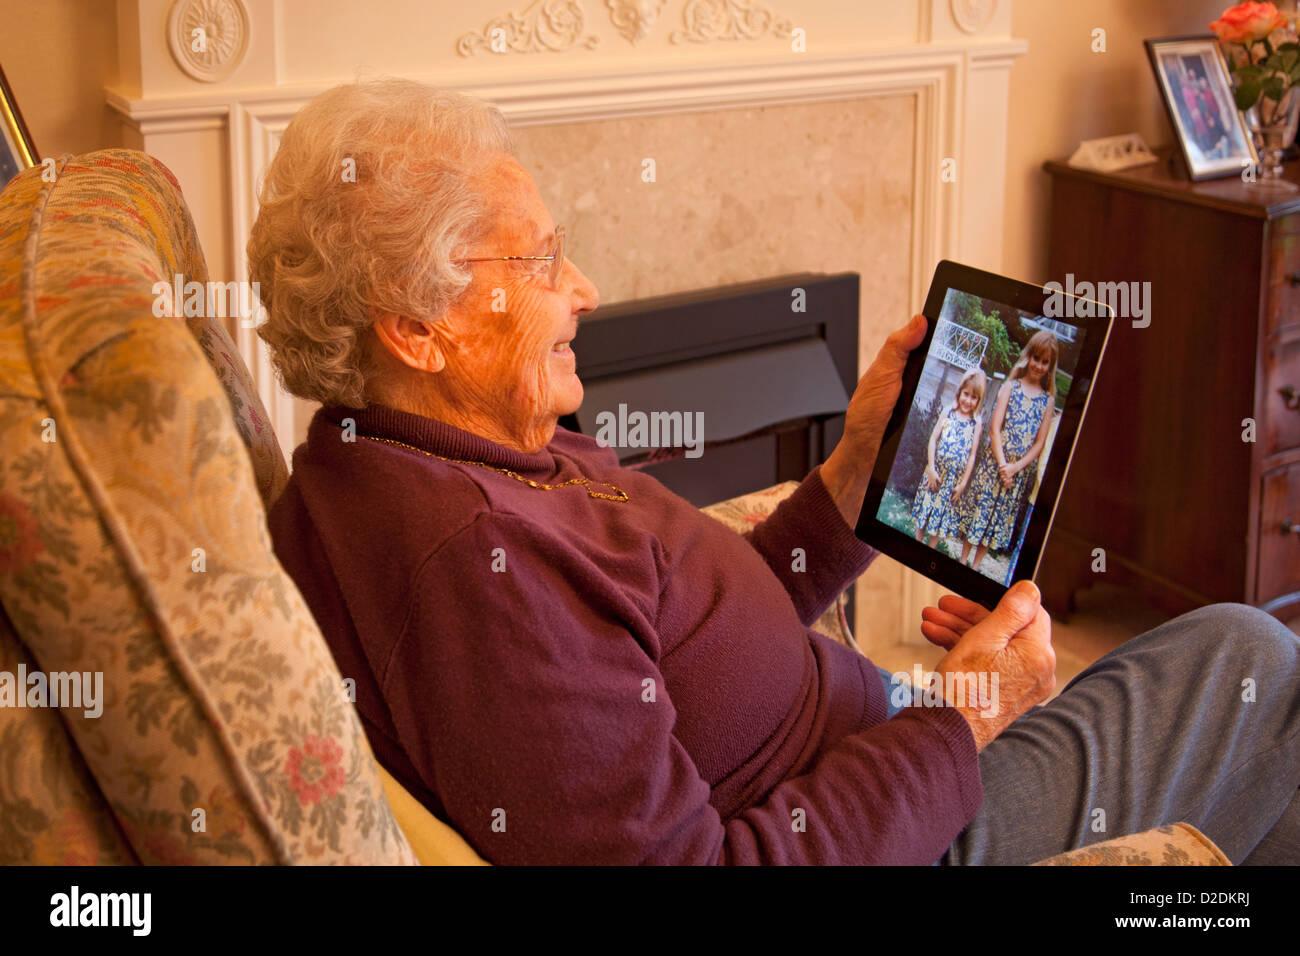 Ältere Frau Rentner mit Brille auf Apple Ipad Tablet zu Hause relaxen am Stuhl Blick auf Fotos von Enkelkindern Stockbild